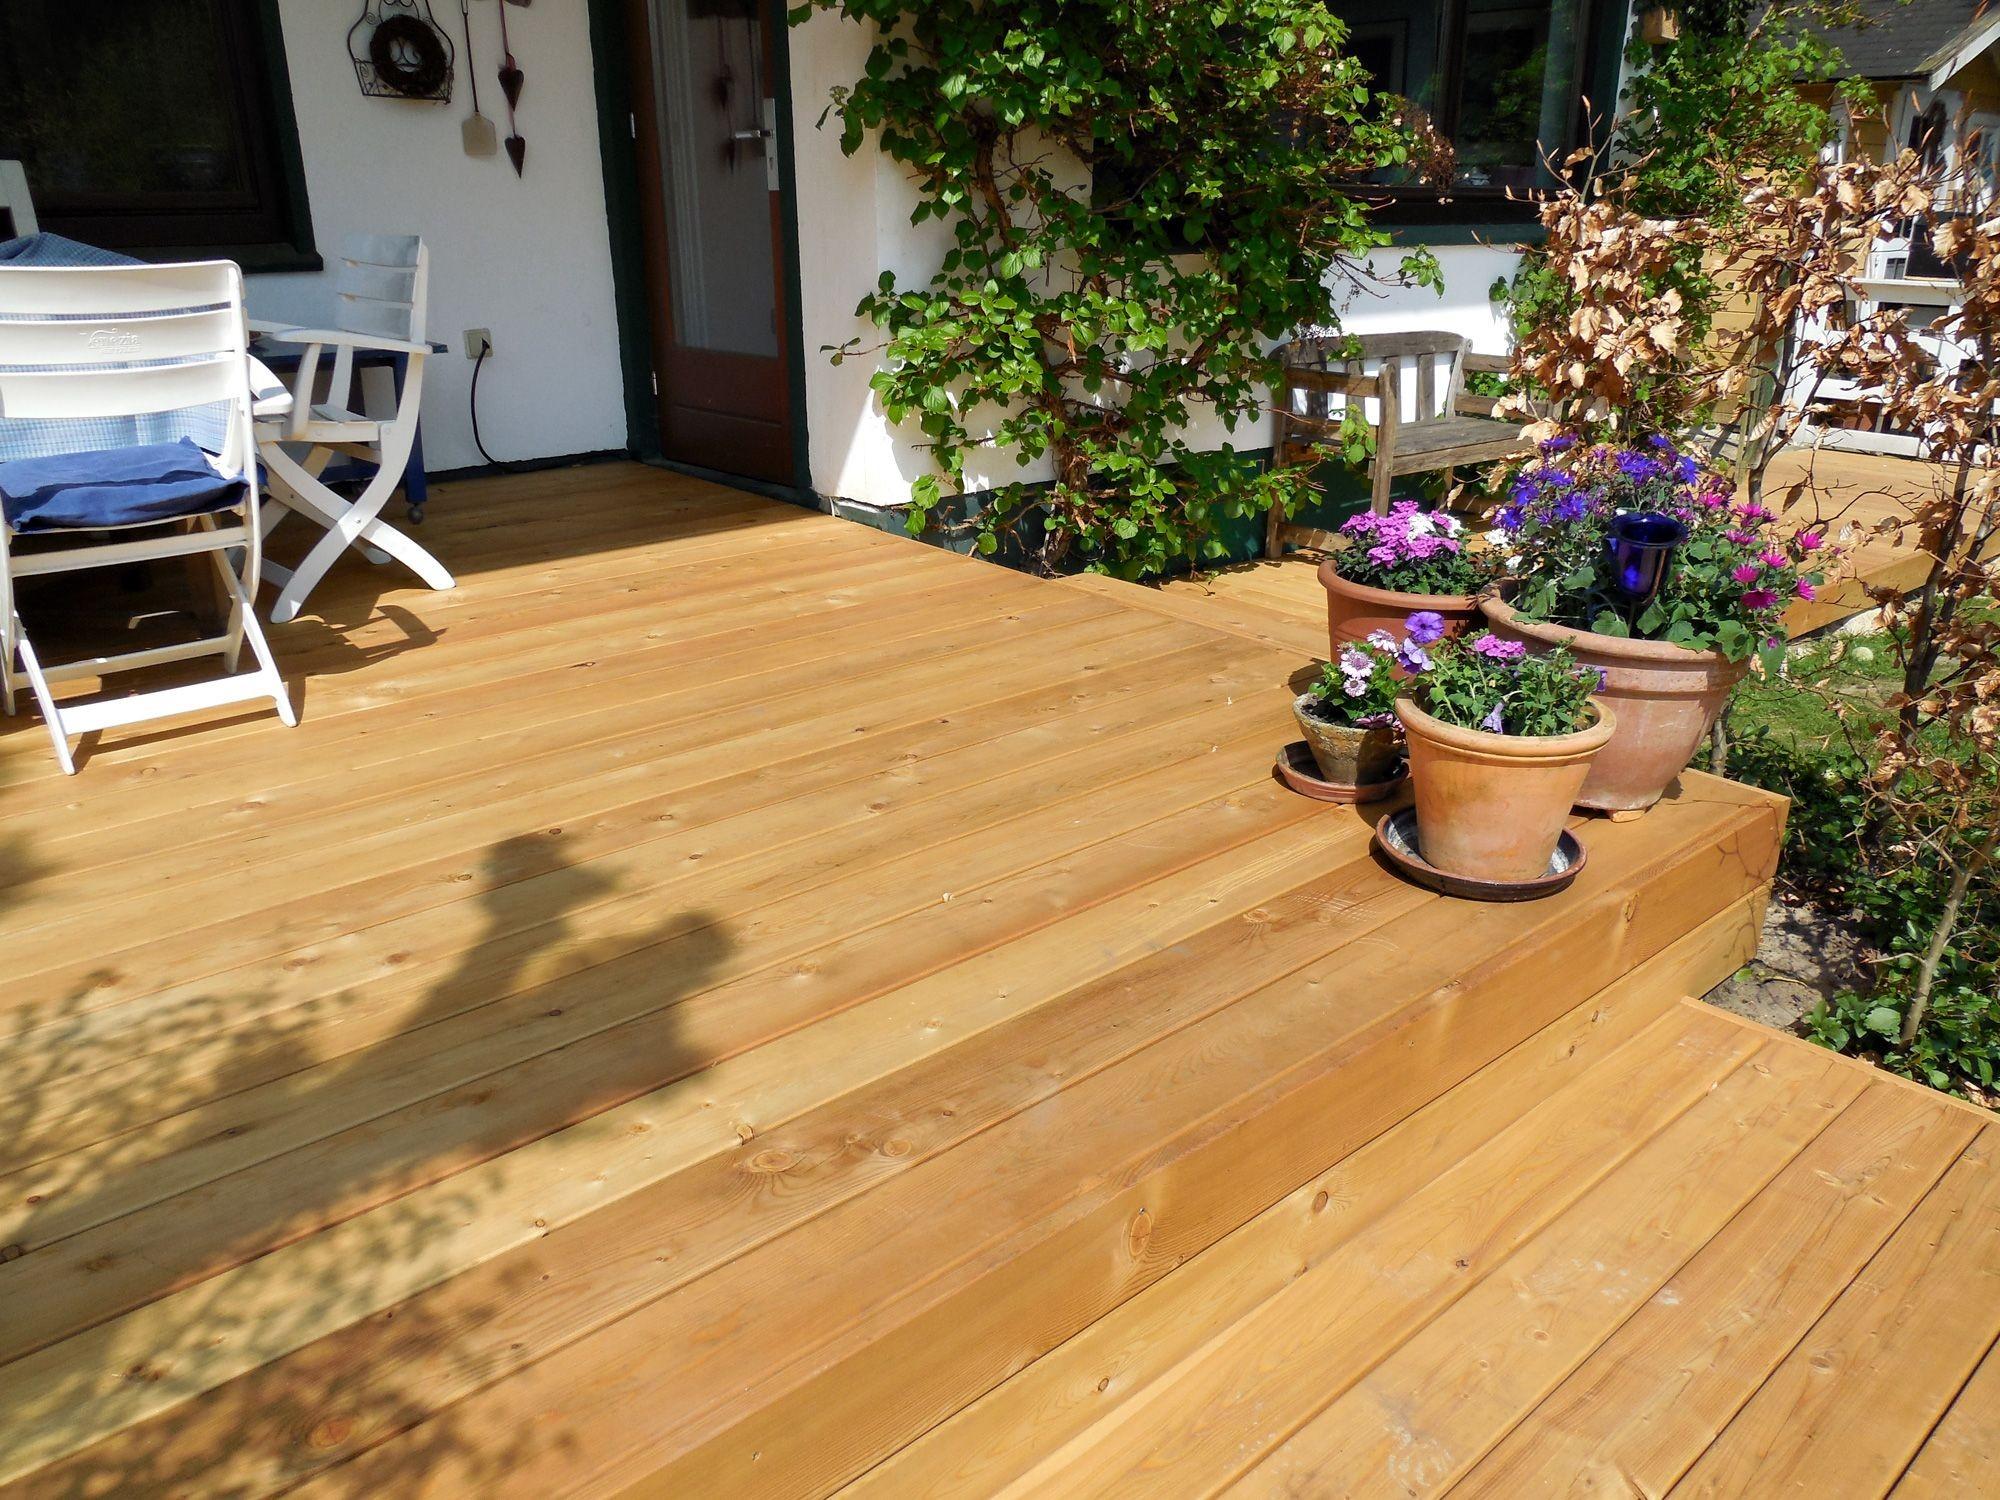 terrassen len aus larche holz via terrasse holz terrassenboden len terrasse larche of terrasse larche